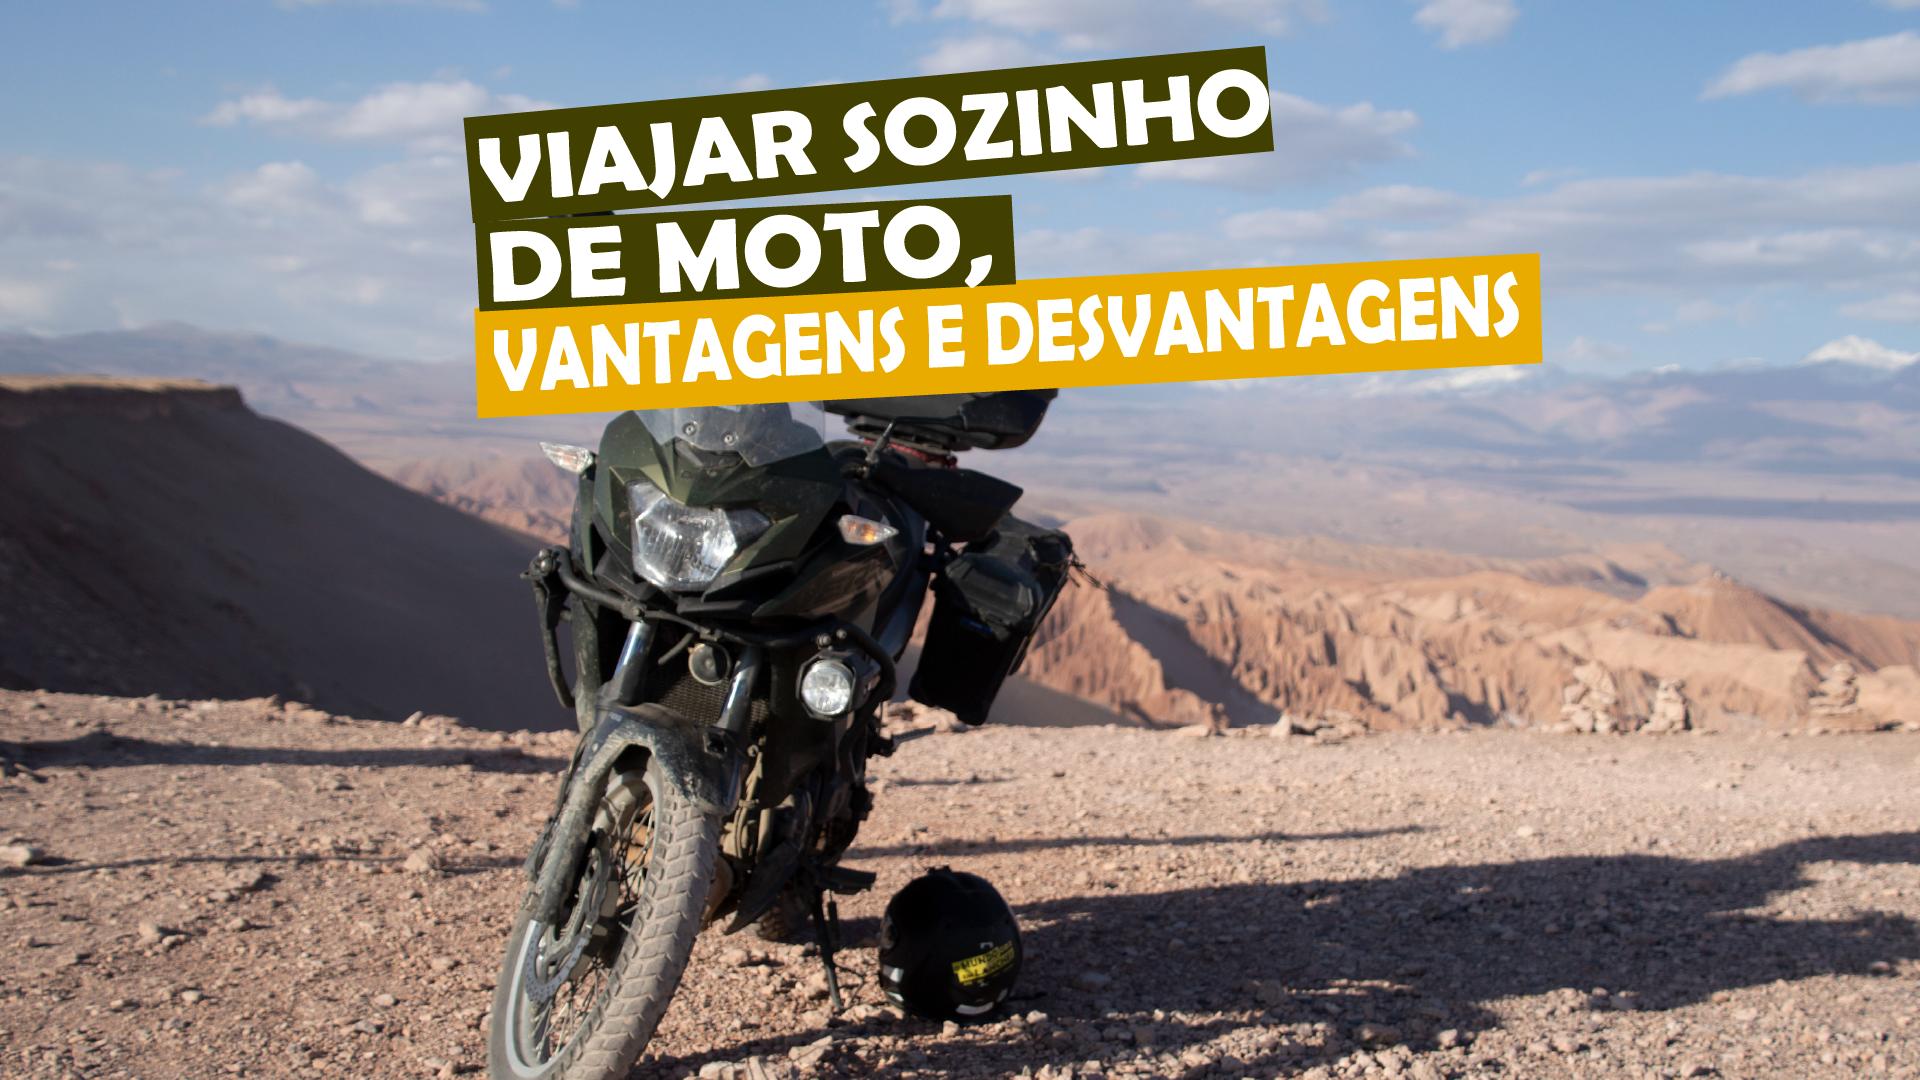 You are currently viewing Viajar sozinho de moto, vantagens e desvantagens